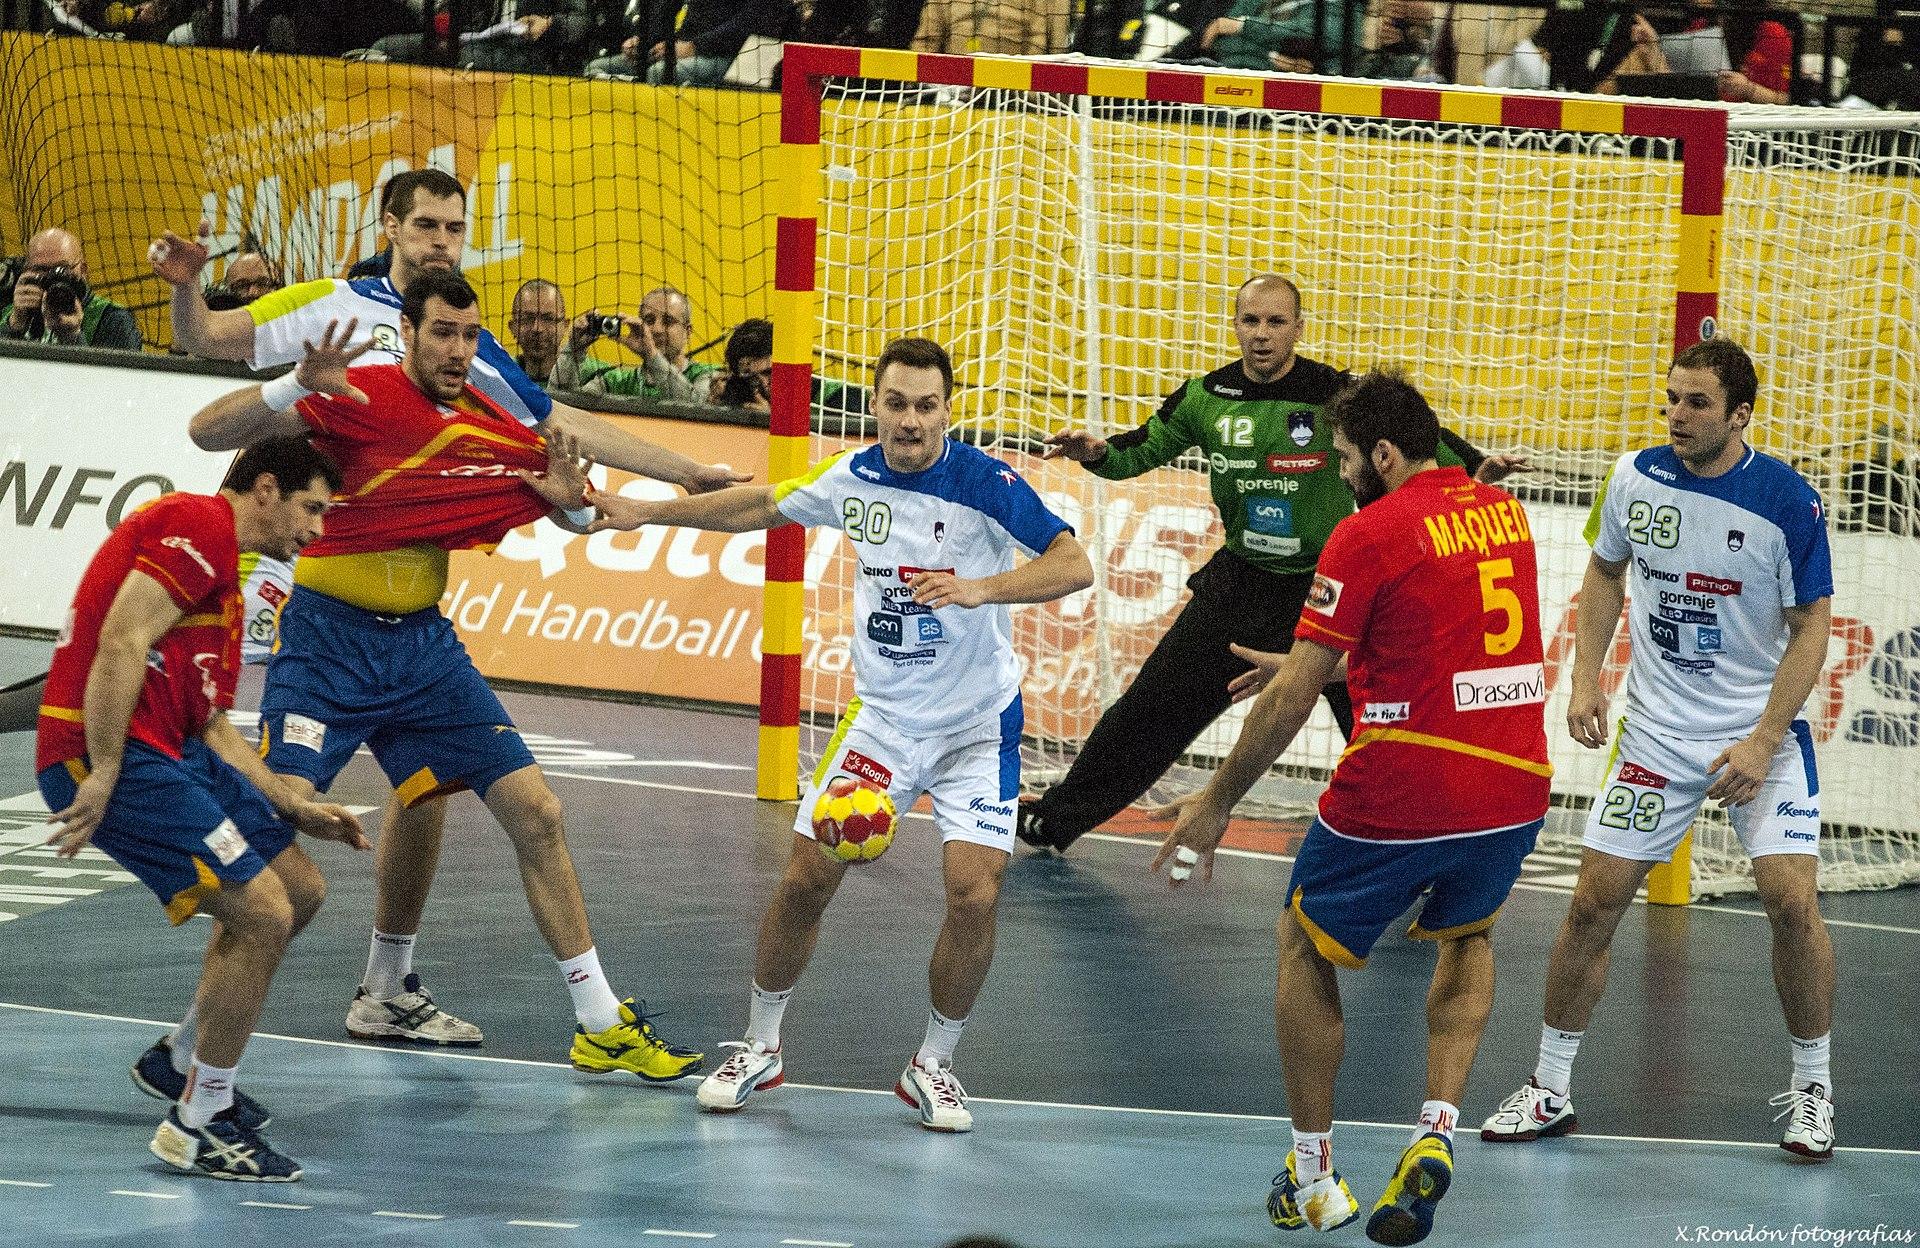 Wiki Handball